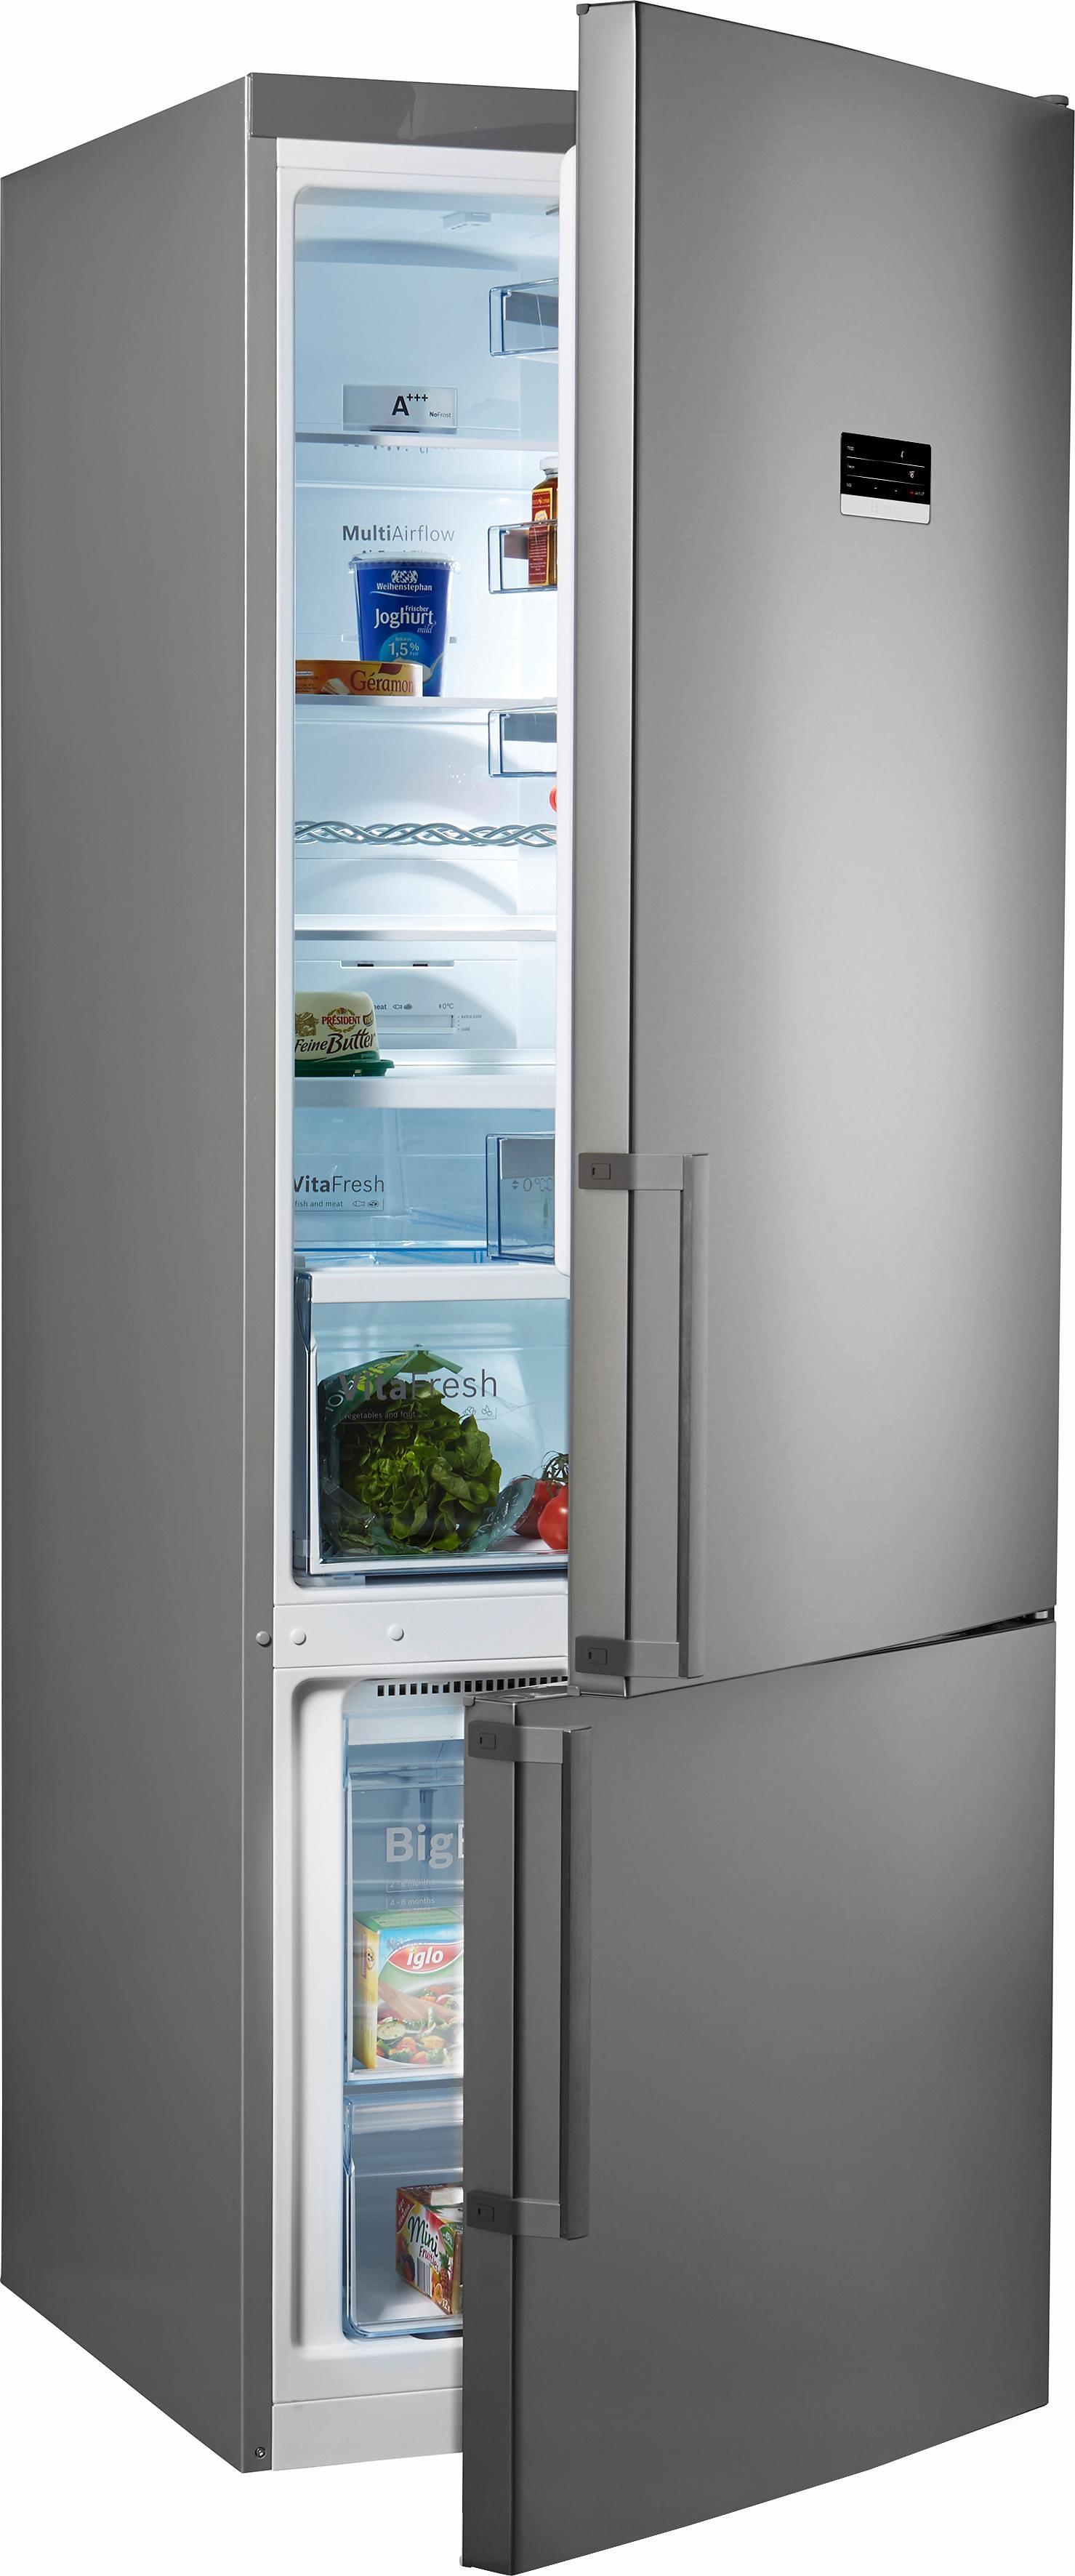 Op zoek naar een Bosch koel-vriescombinatie, 193 cm hoog, 70 cm breed? Koop online bij OTTO